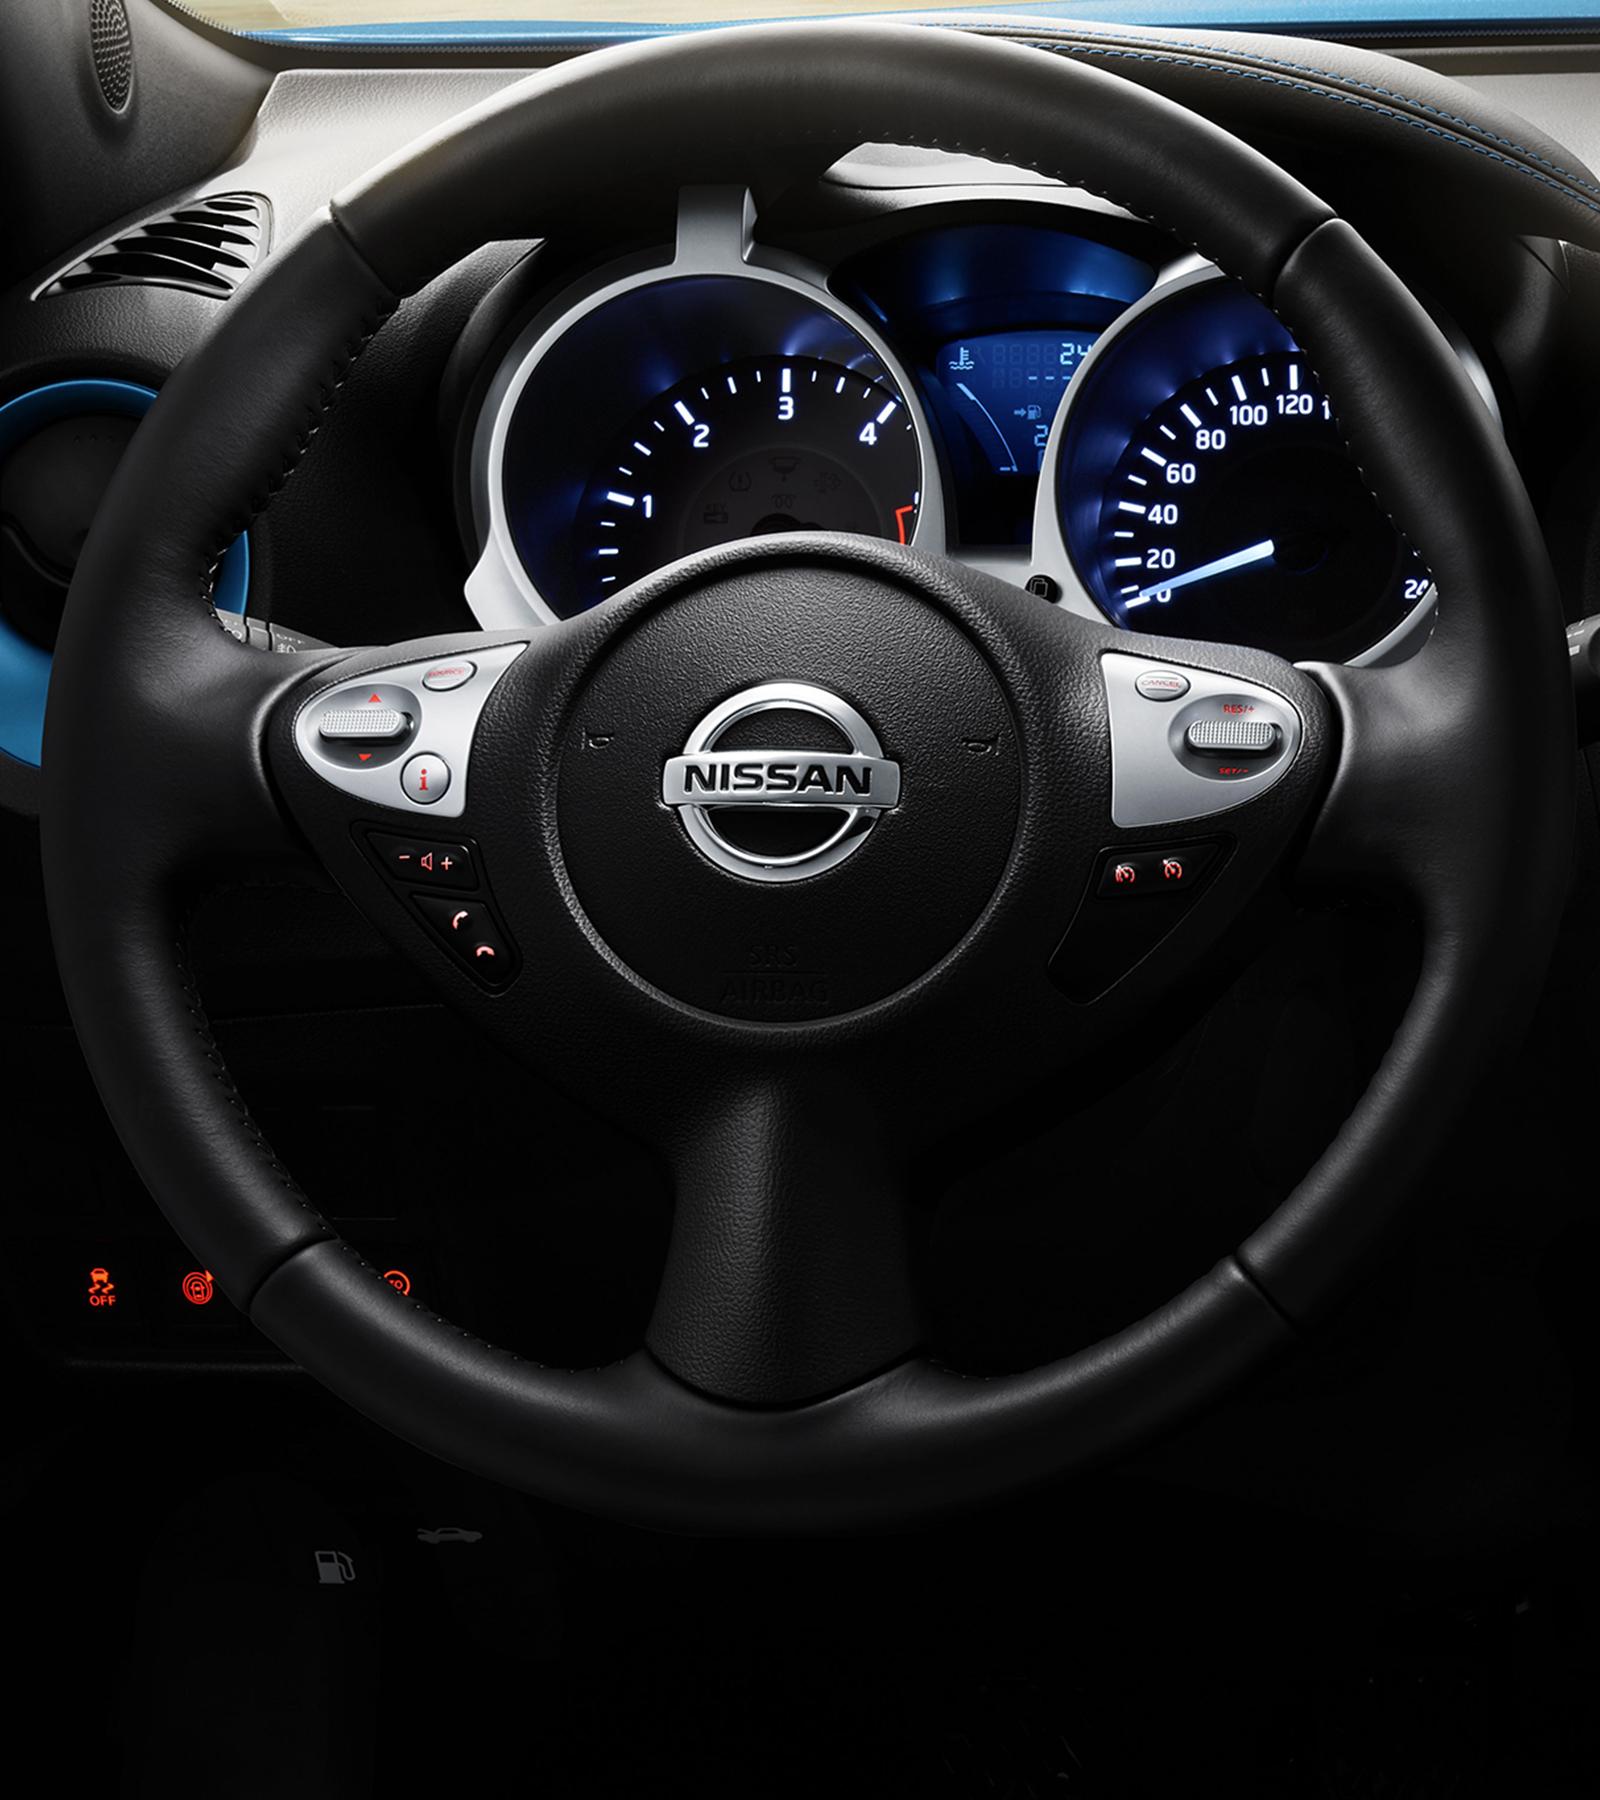 Nissan JUKE2018: рулевое колесо крупным планом